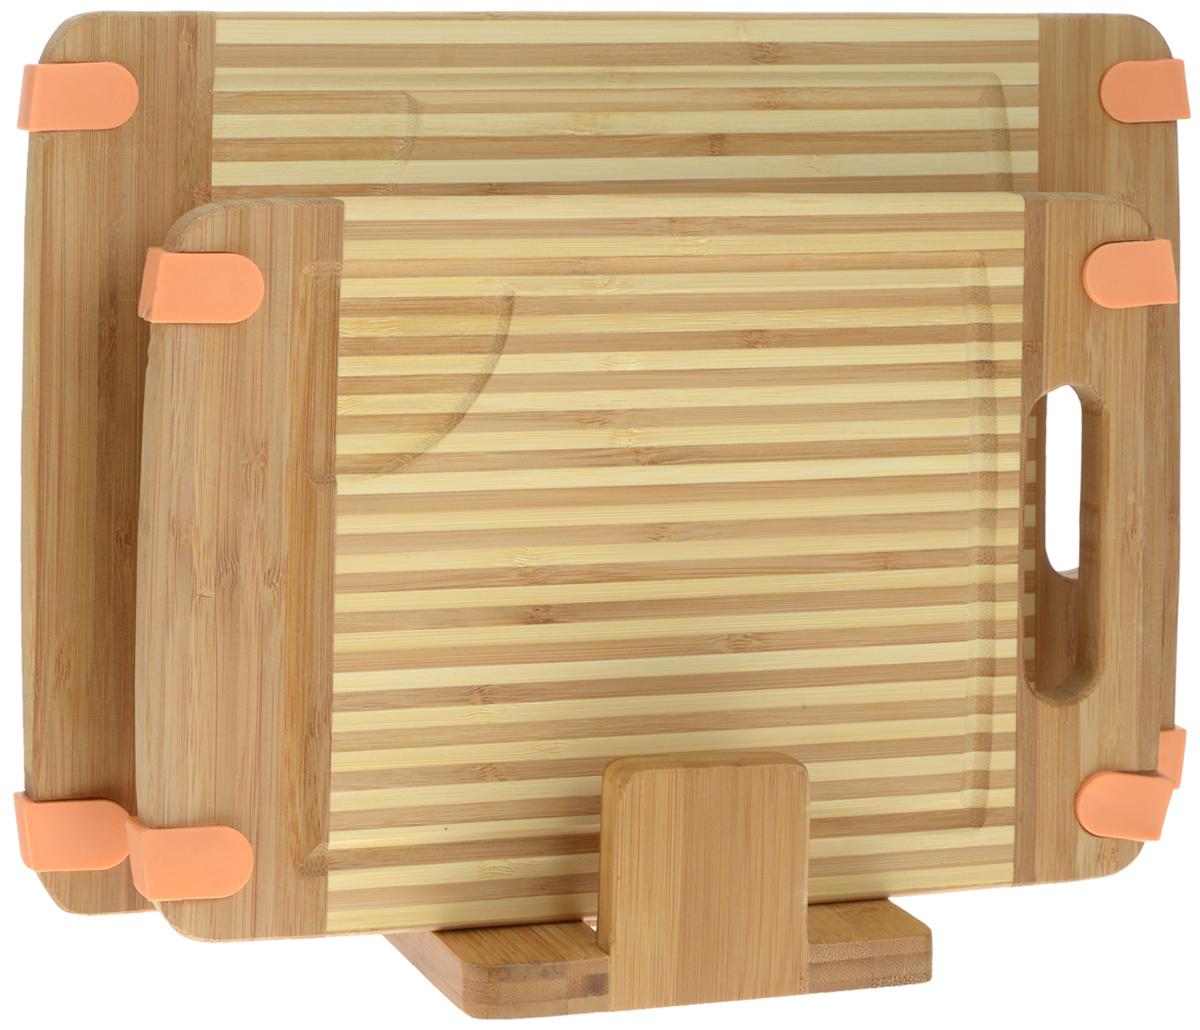 Набор разделочных досок Mayer & Boch, на подставке, 2 шт. 2259094672Набор Mayer & Boch состоит из двух прямоугольных разделочных досок и подставки. Изделия выполнены из экологически чистого бамбука. Бамбук является возобновляемым ресурсом, что делает его безопасным для использования. Не содержит красителей - перманентная краска не выцветает и не смывается. Бамбук впитывает влагу в маленьких количествах и обладает естественными антибактериальными свойствами. Доски отлично подходят для приготовления и измельчения пищи, а также для сервировки стола. Специальные силиконовые накладки предотвращают скольжение. Доски снабжены ручкой для комфортного использования, а также выемками по краю для стока жидкости. Такой набор станет практичным и полезным приобретением для вашей кухни. Размер досок: 35 х 25 х 1,6 см; 30 х 20 х 1,6 см. Размер подставки: 15 х 13 х 6 см.